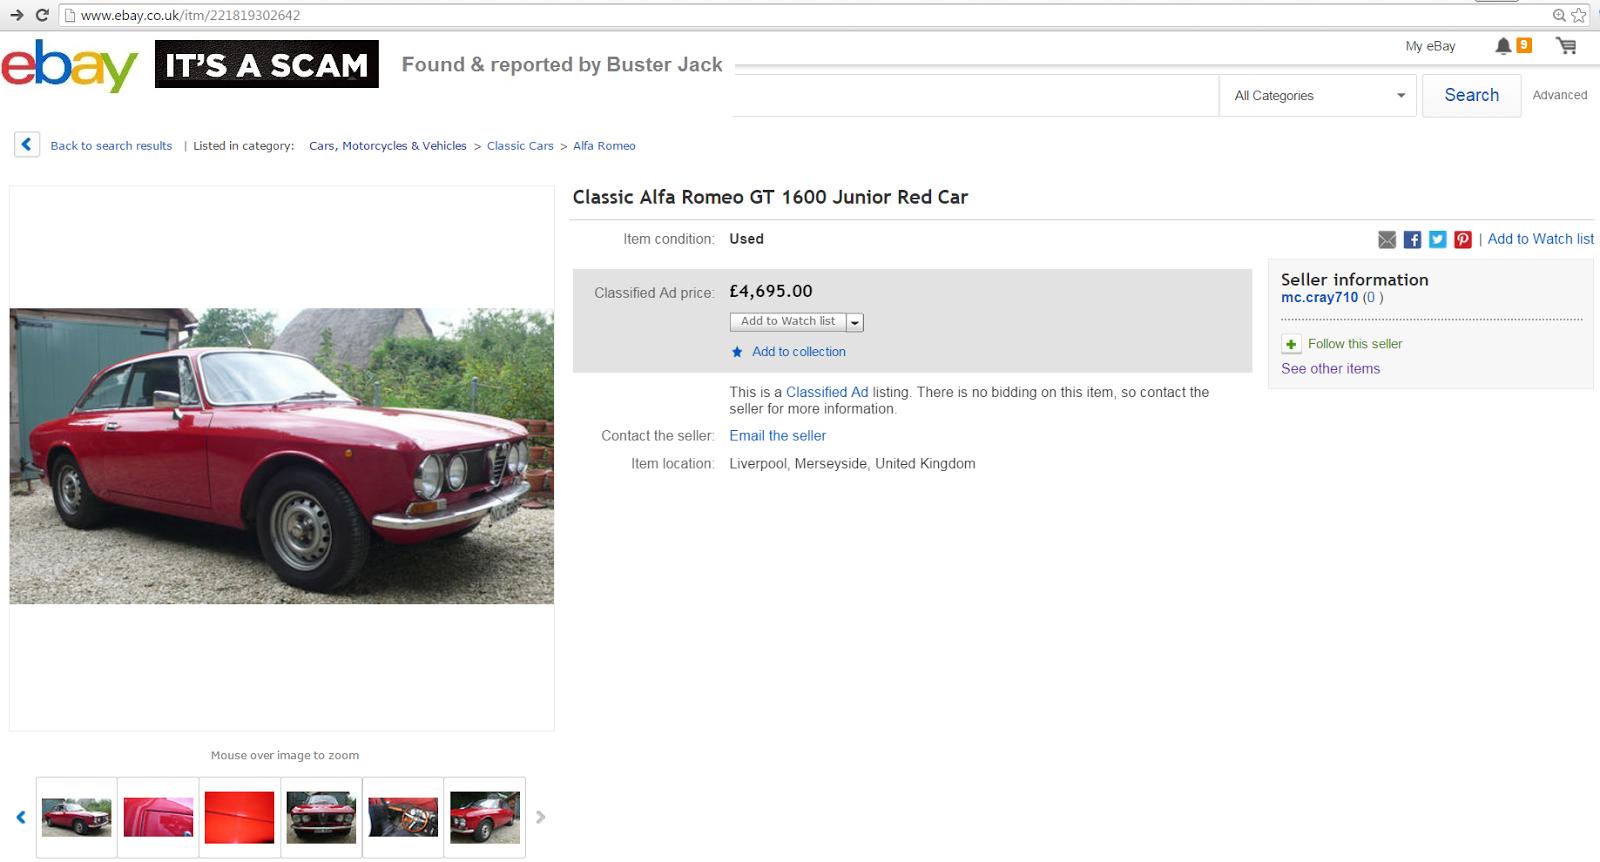 EBAY SCAM : Classic Alfa Romeo GT 1600 Junior Red Car | NOC58R ...